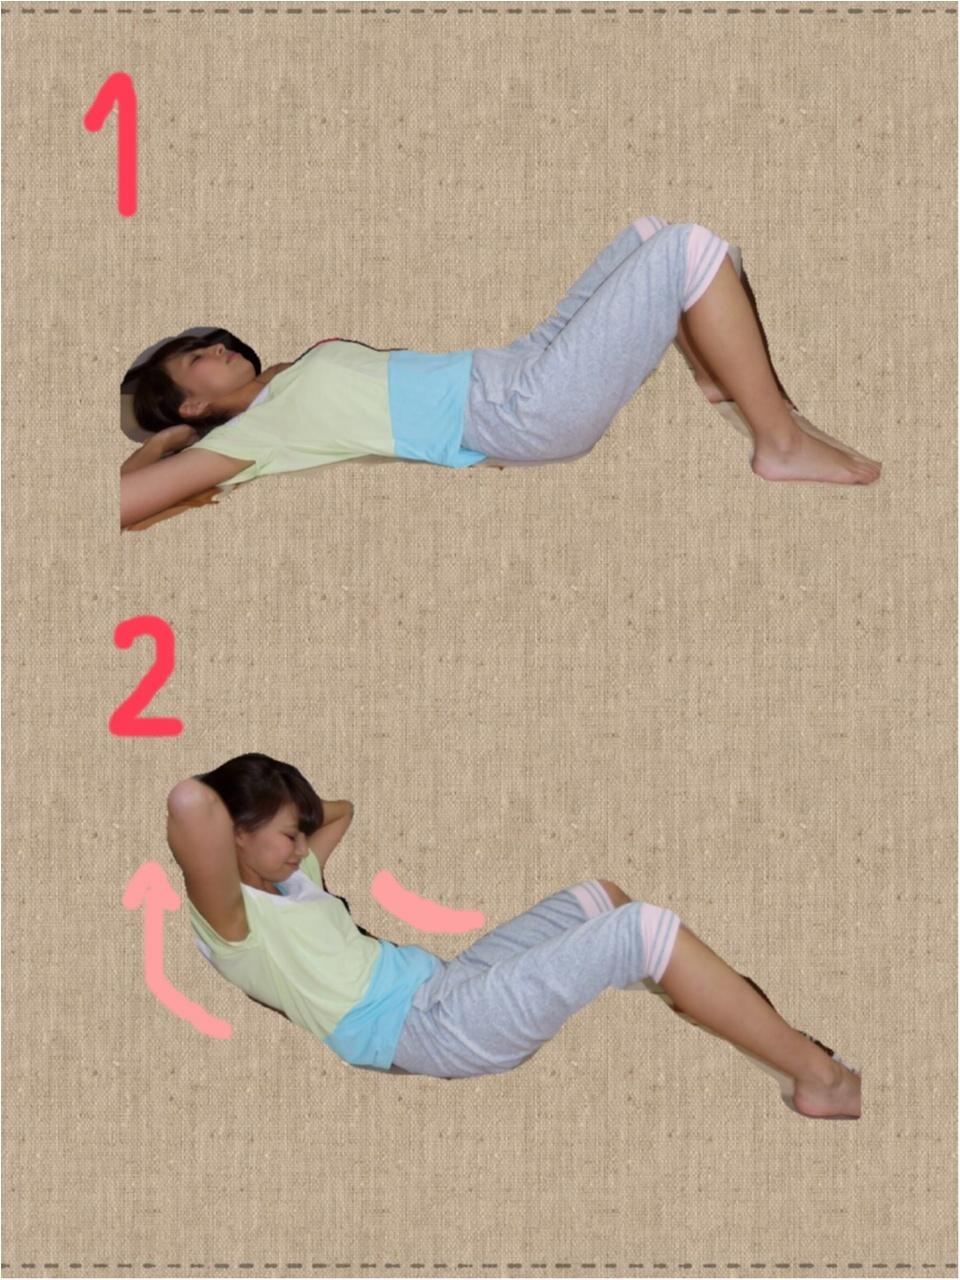 腹筋は3方向から鍛えるべし‼️美しいくびれを手に入れて『夏』を満喫しようヾ(o´▽`)ノ゙♪_1